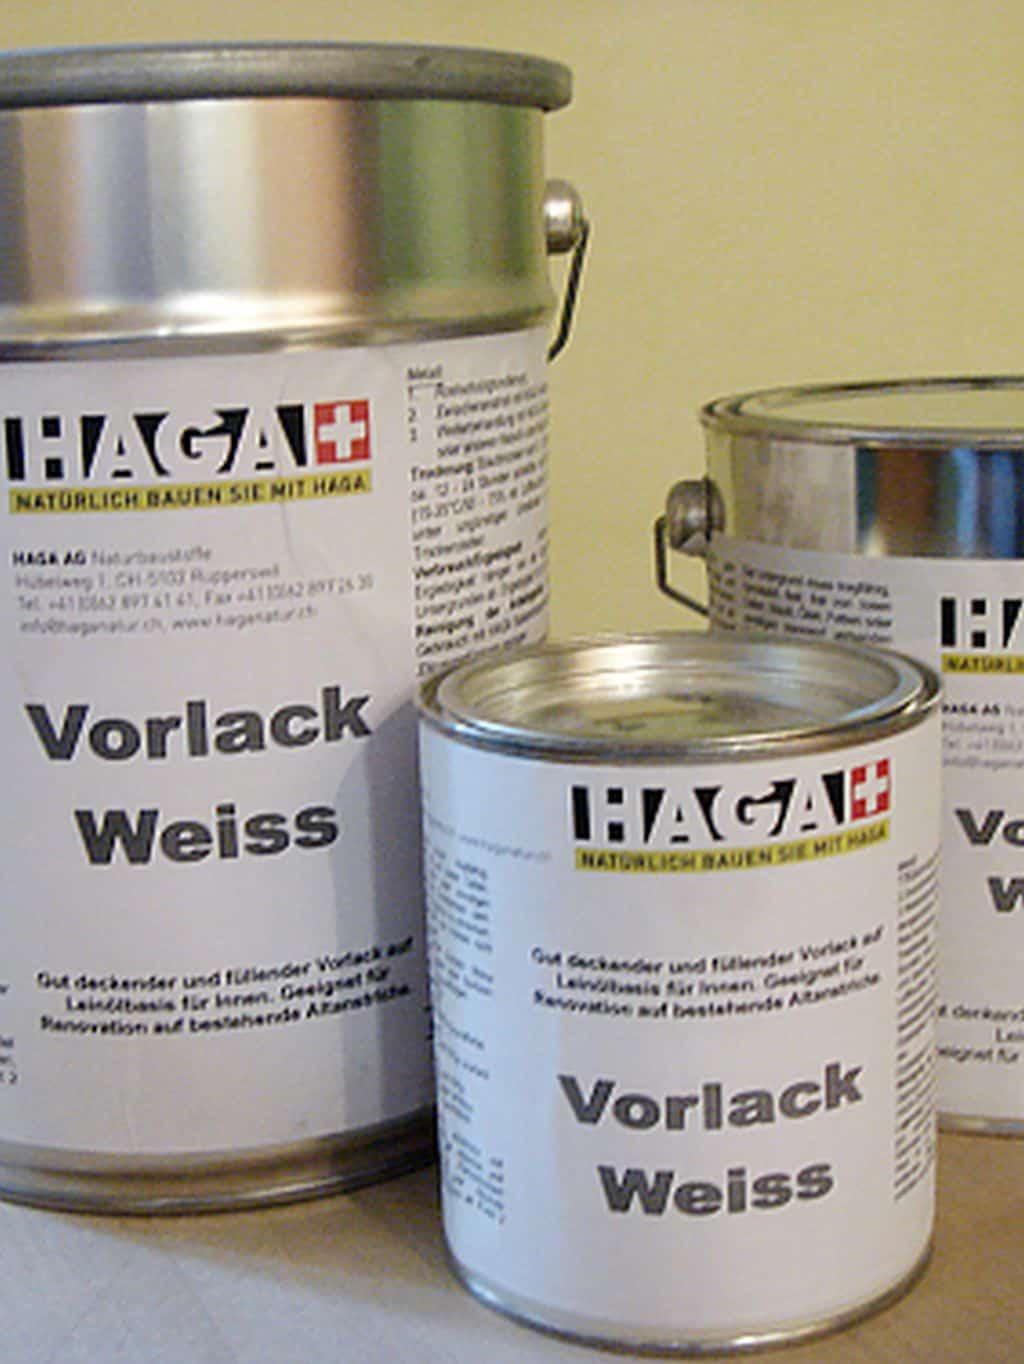 vorlack_weiss_web